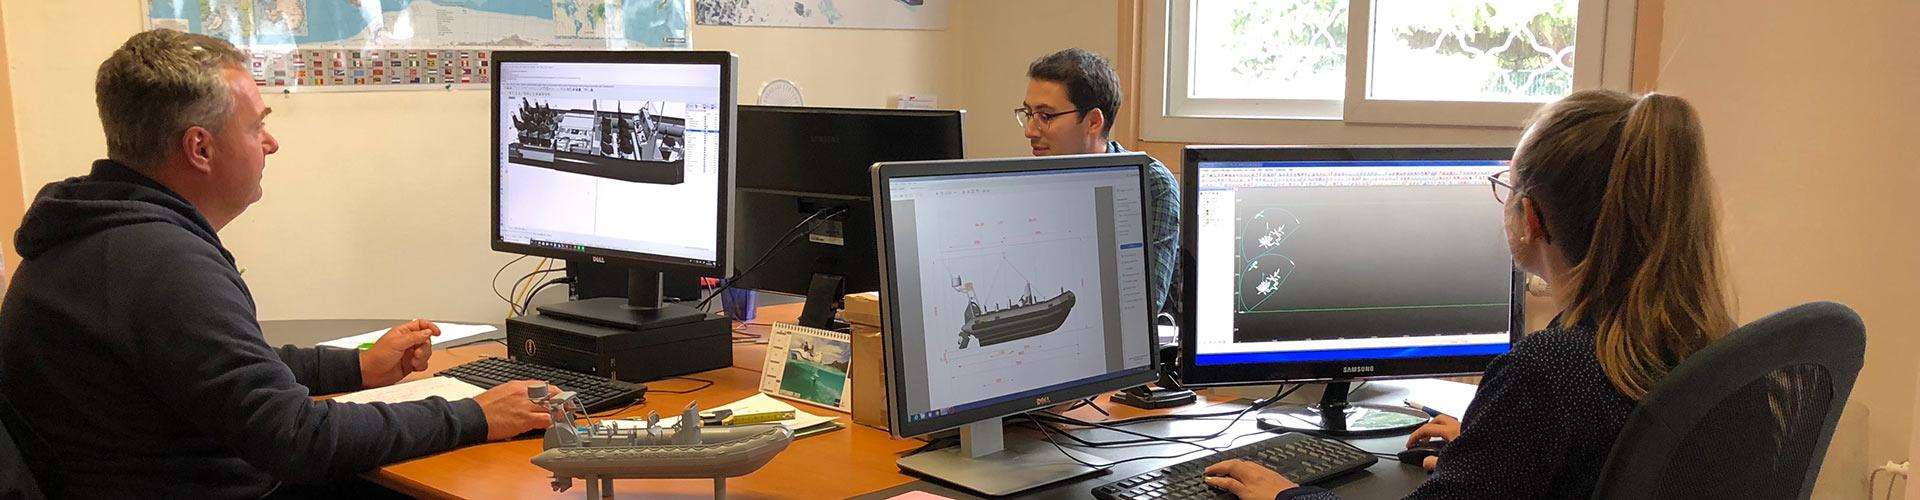 Le bureau d'études conçoit des bateaux pour les professionnels et militaires.